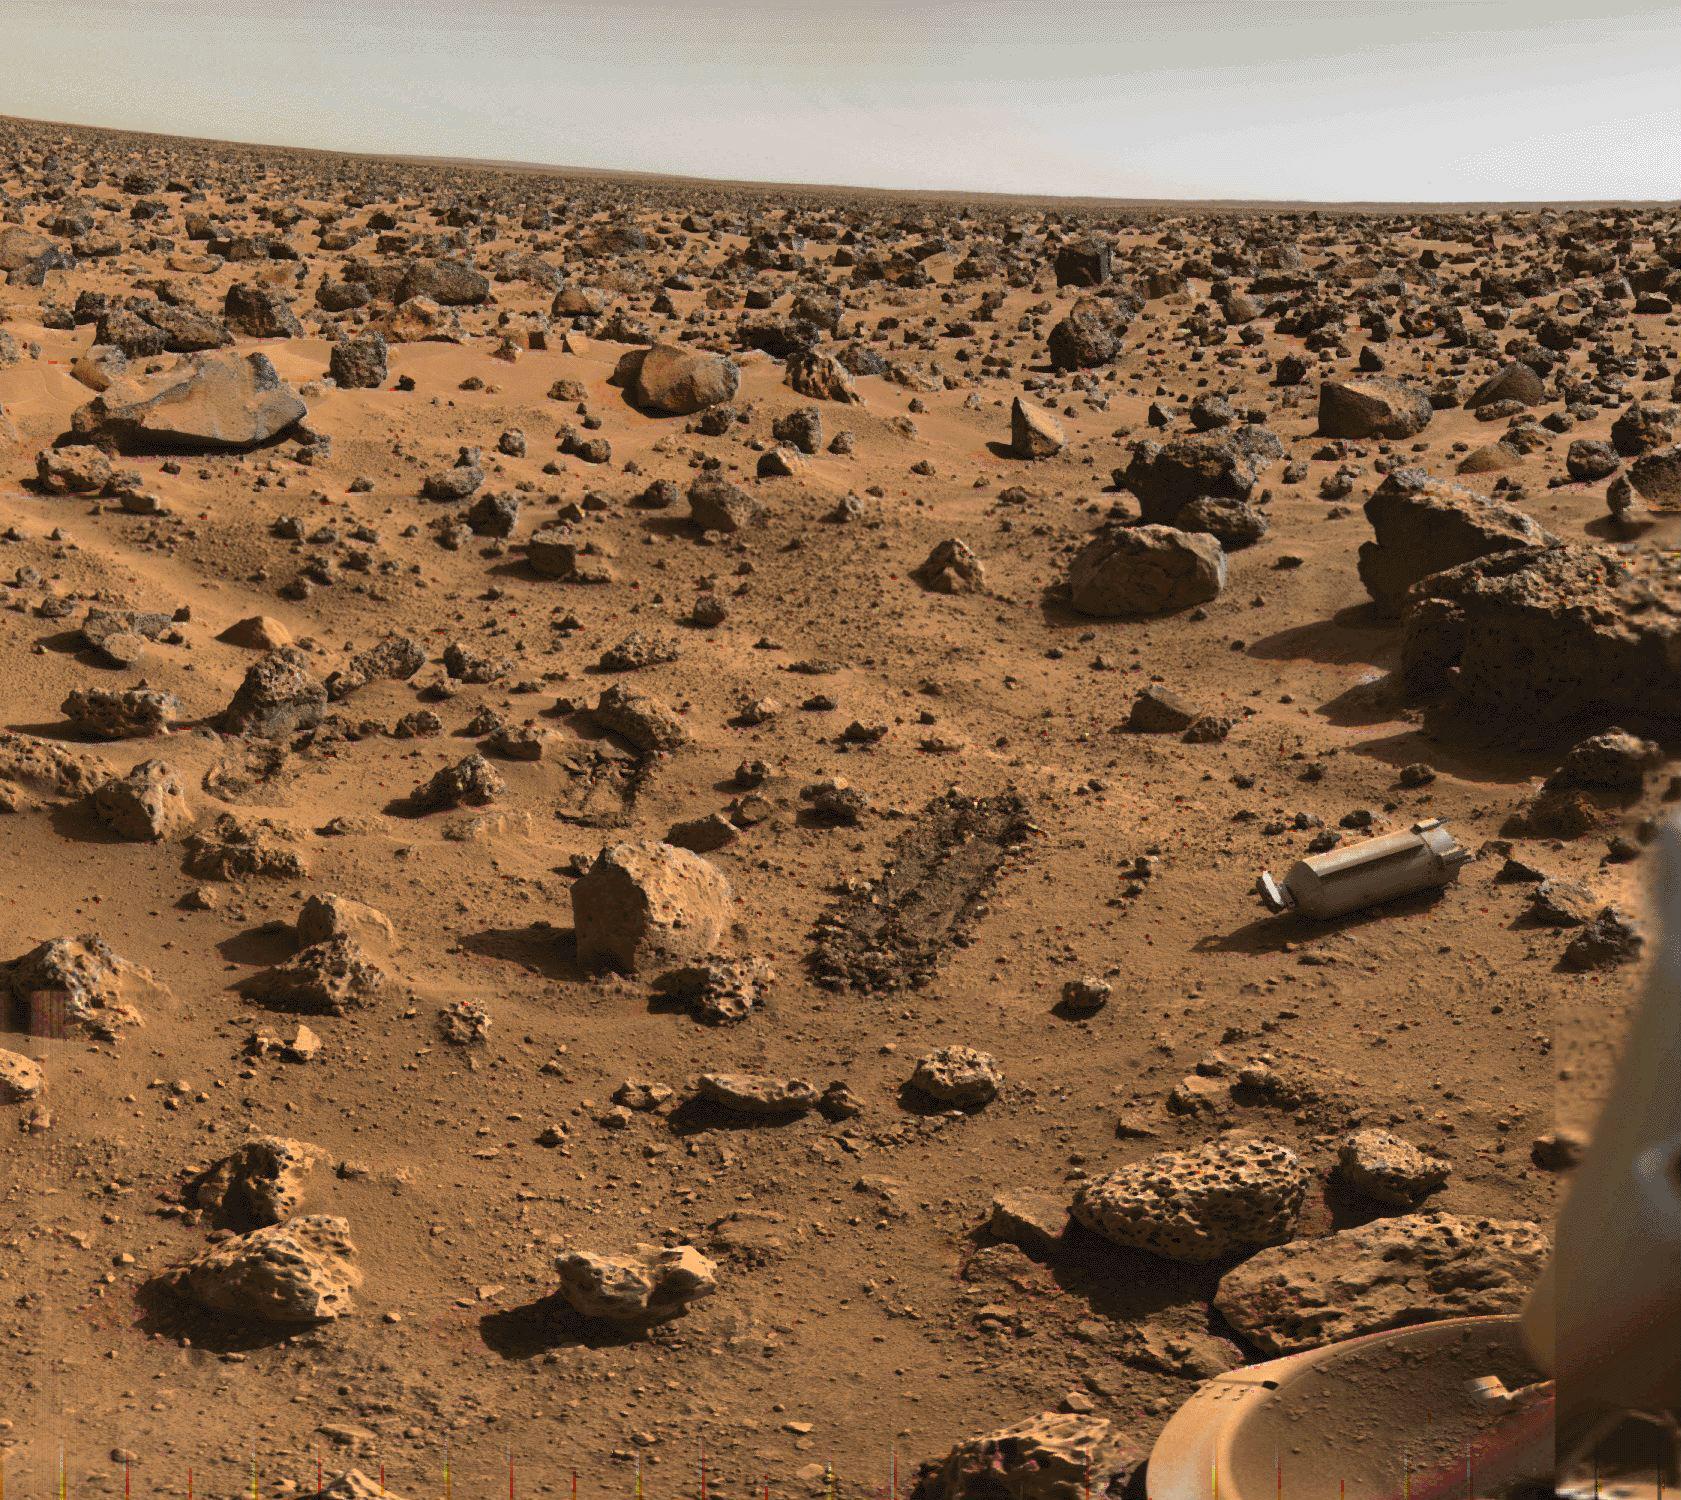 Compendium du système solaire - Mars